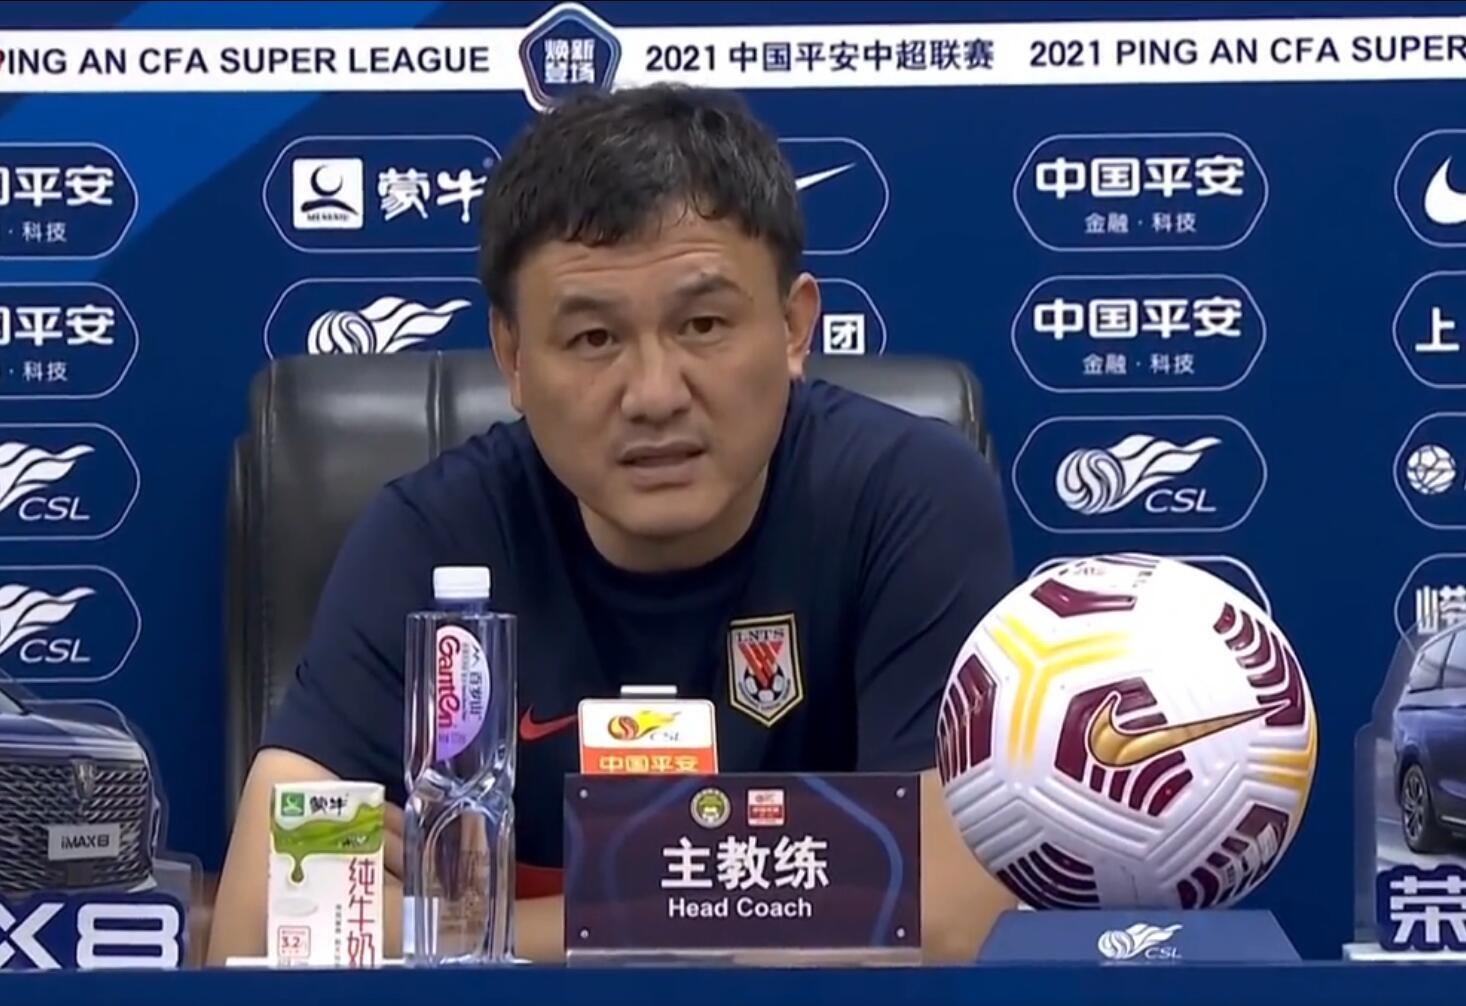 郝伟:没有保住3分比较遗憾 主力缺阵对比赛有影响